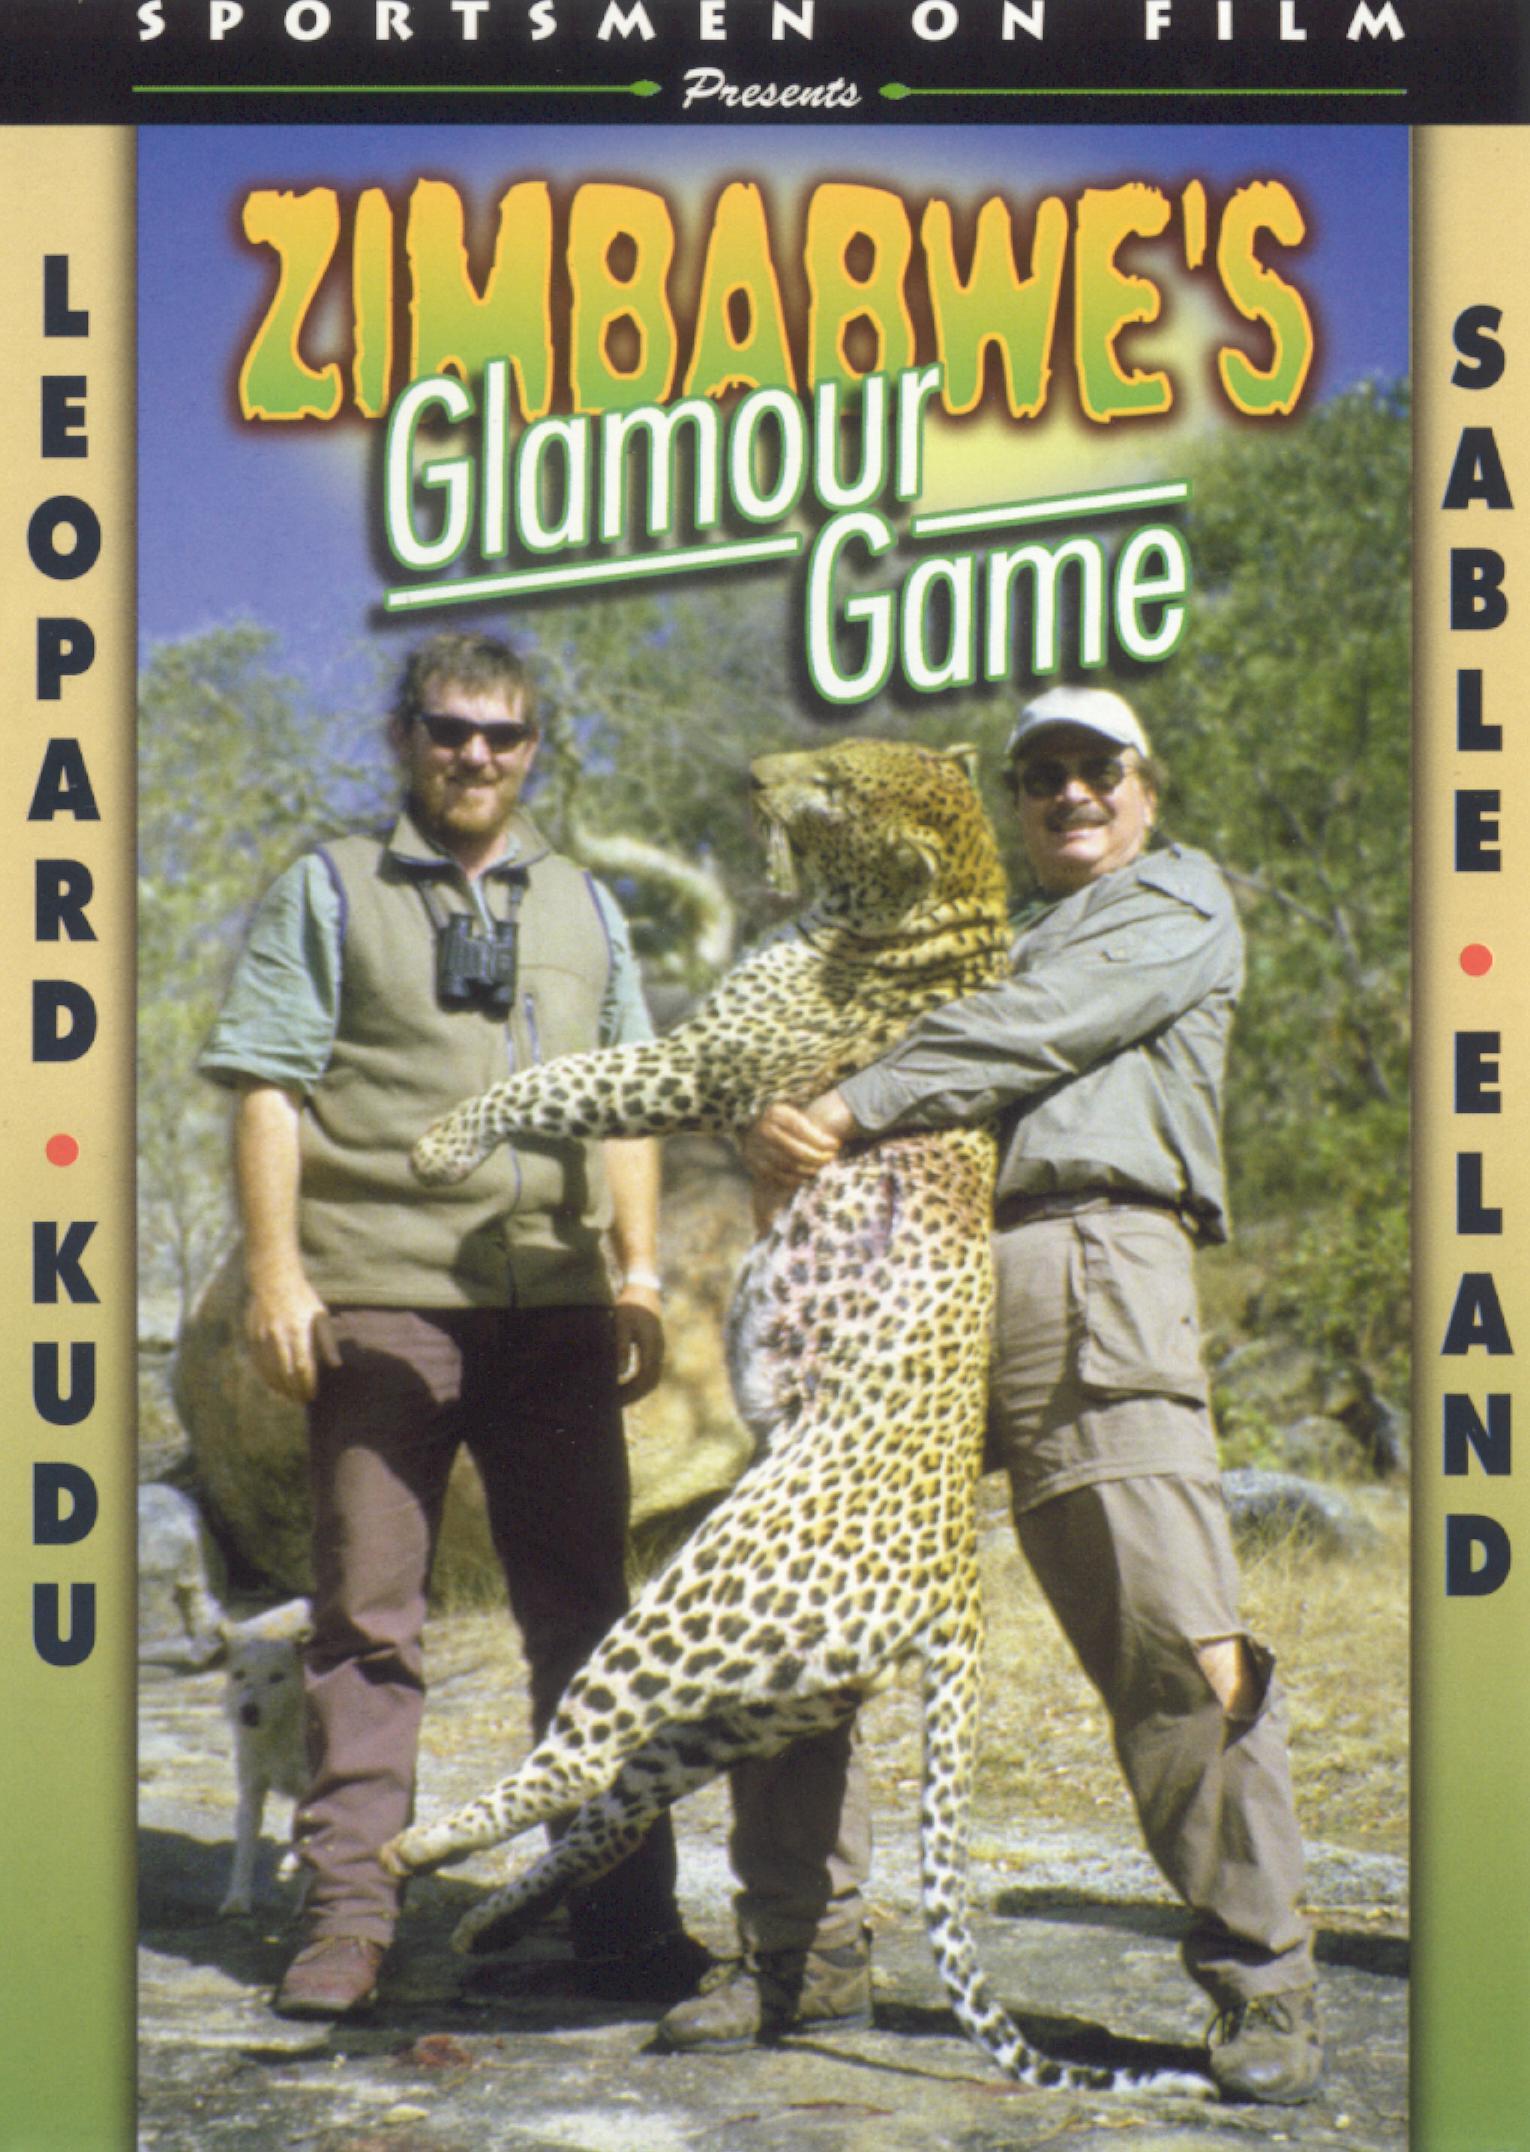 Zimbabwe's Glamour Game